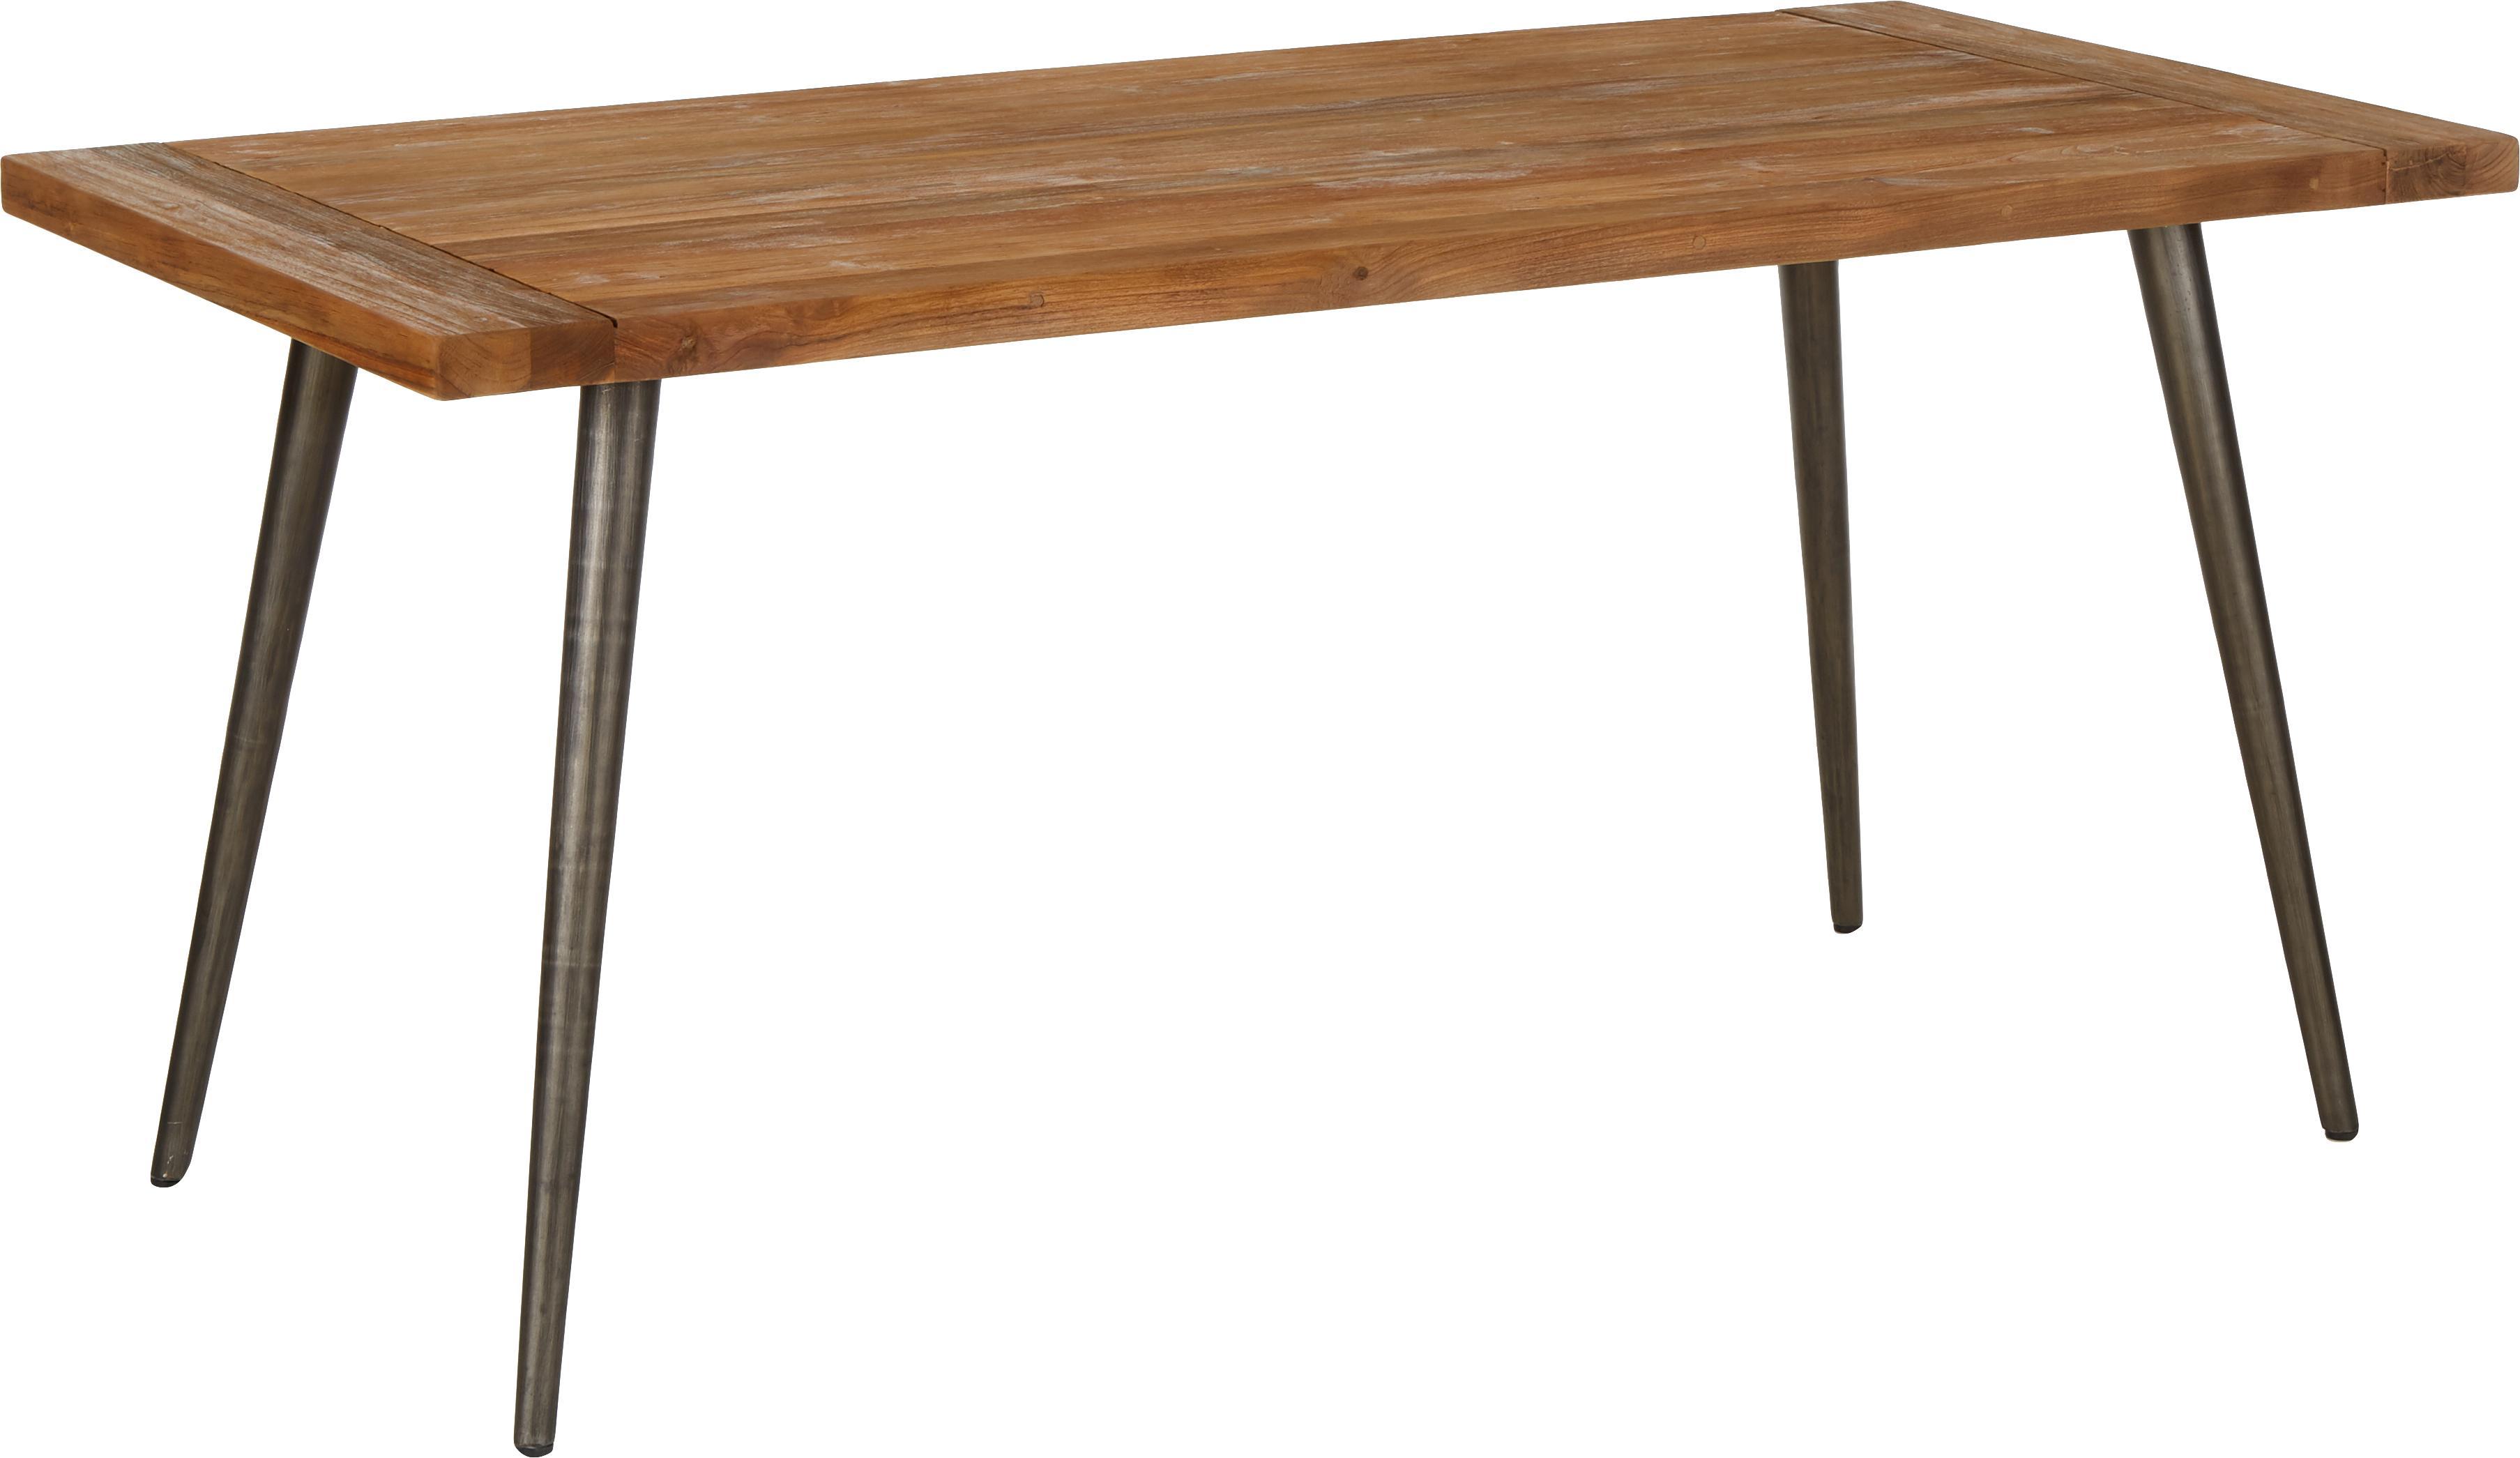 Stół do jadalni z blatem z litego drewna Kapal, Blat: lite drewno tekowe pochod, Nogi: stal z celowymi śladami u, Drewno tekowe, czarny, S 160 x G 80 cm